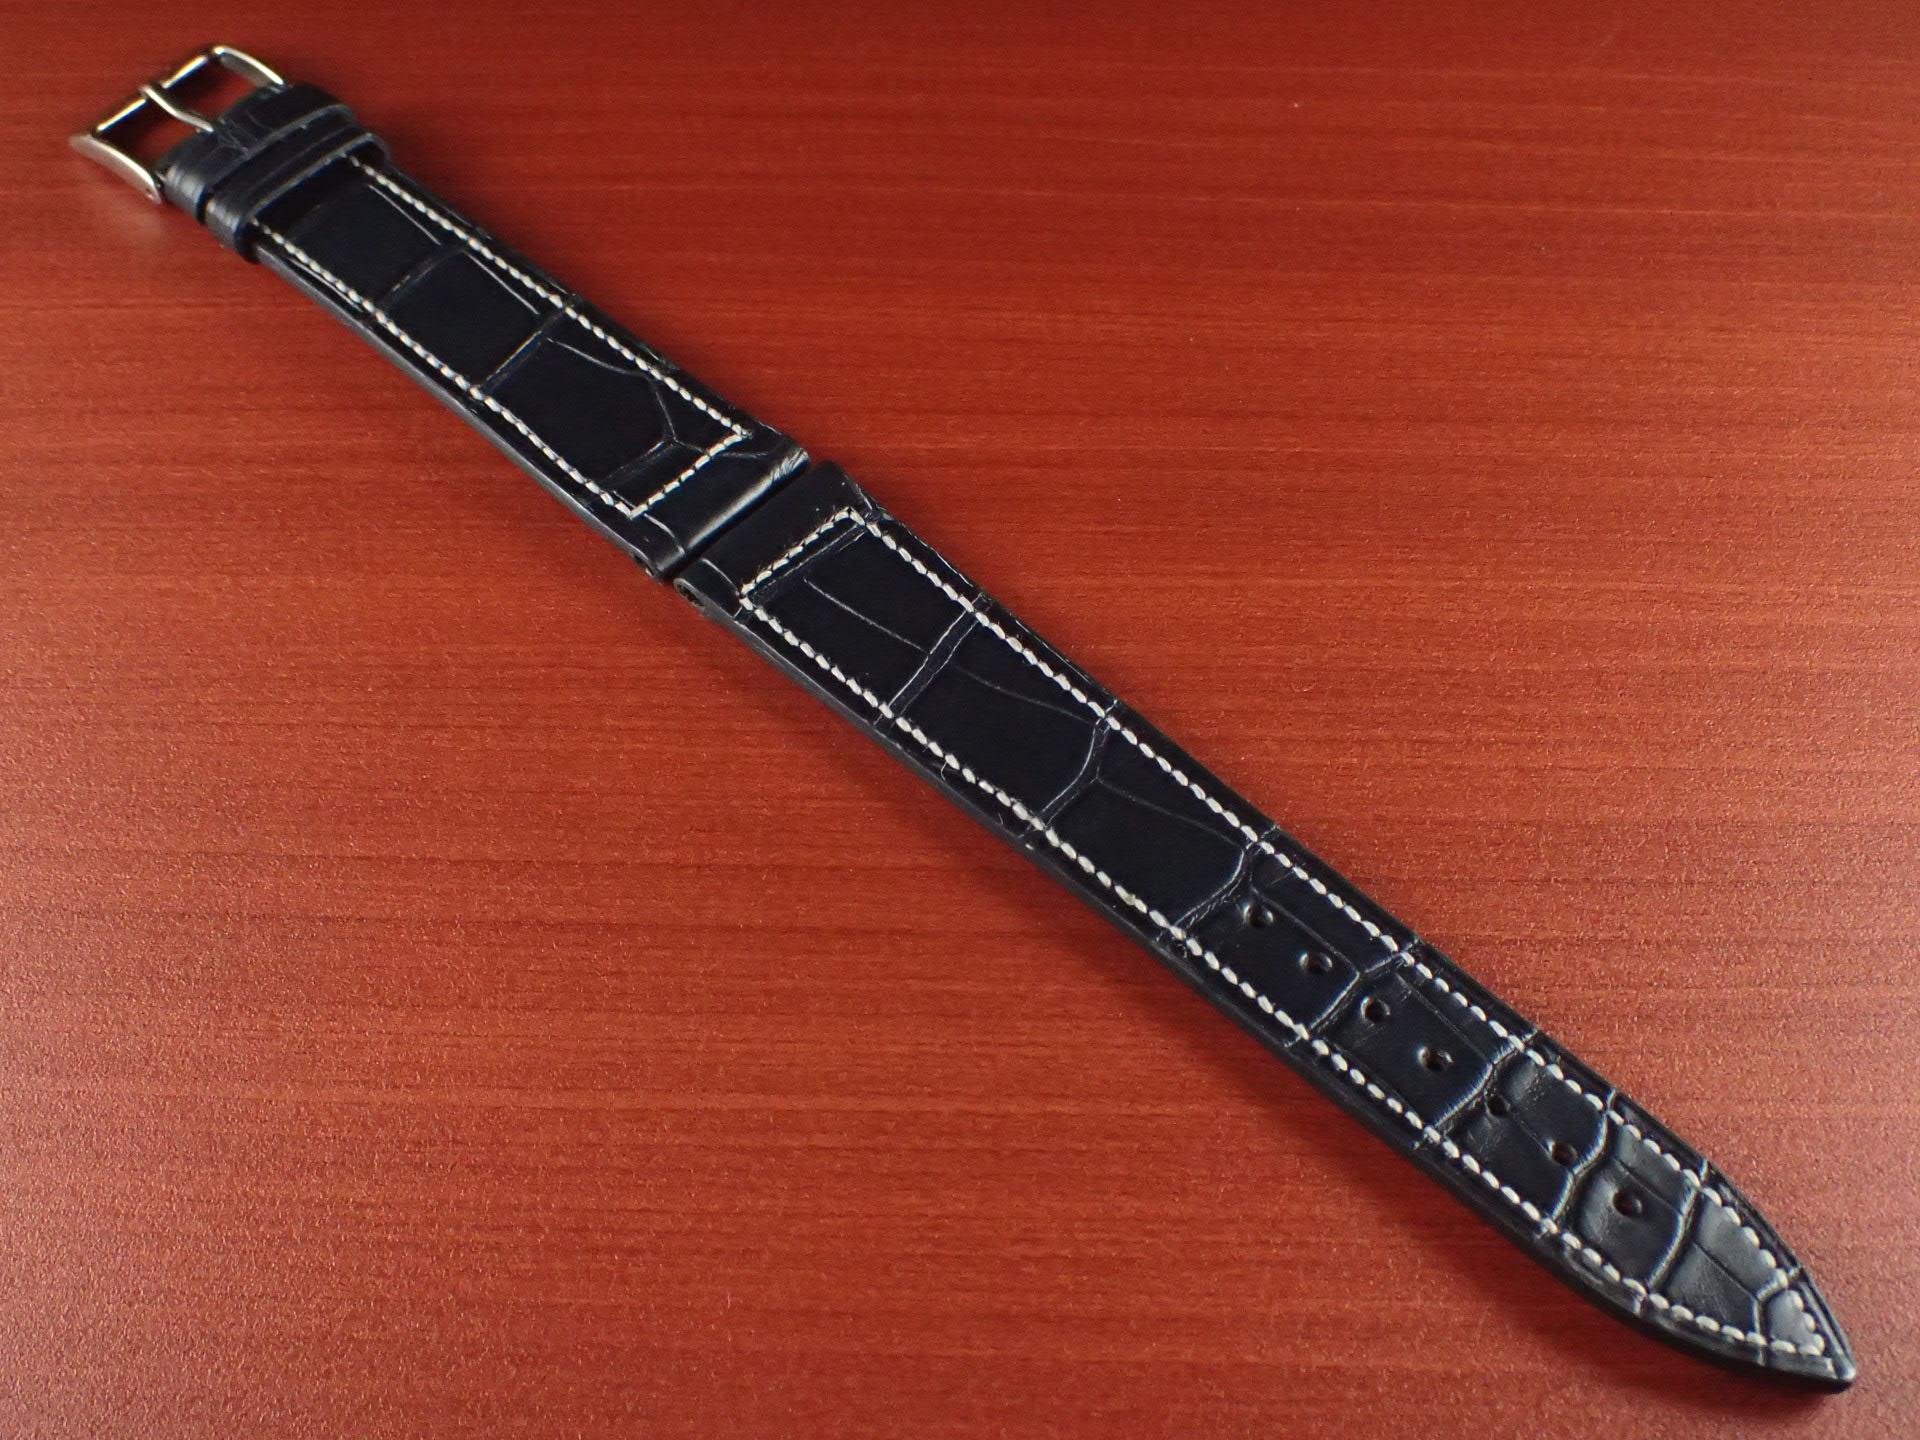 ジャン・クロード ペラン革ベルト クロコダイル ミッドナイトブルー 18mmのメイン写真